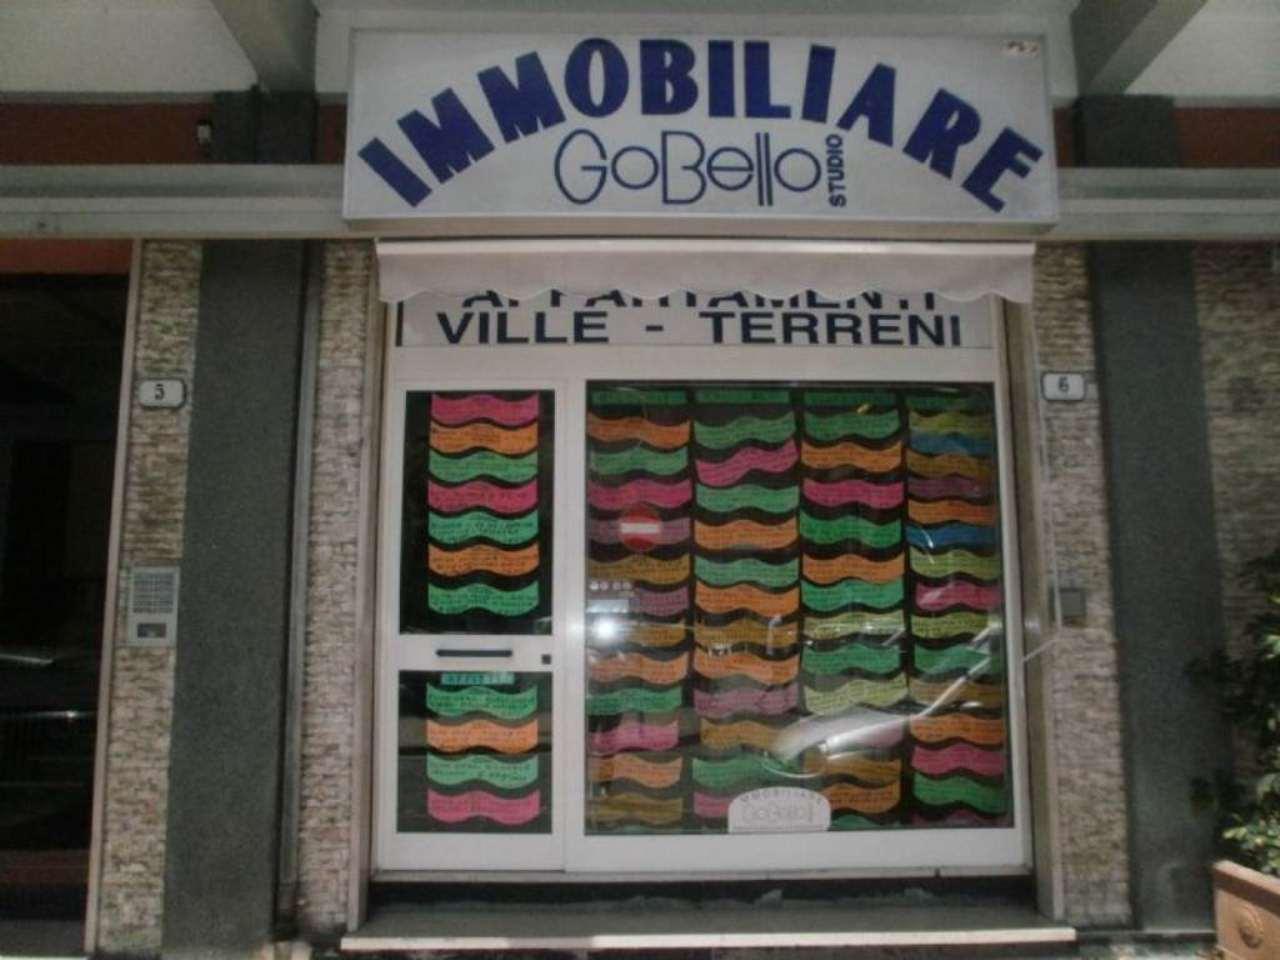 Negozio / Locale in vendita a Recco, 1 locali, prezzo € 100.000 | CambioCasa.it